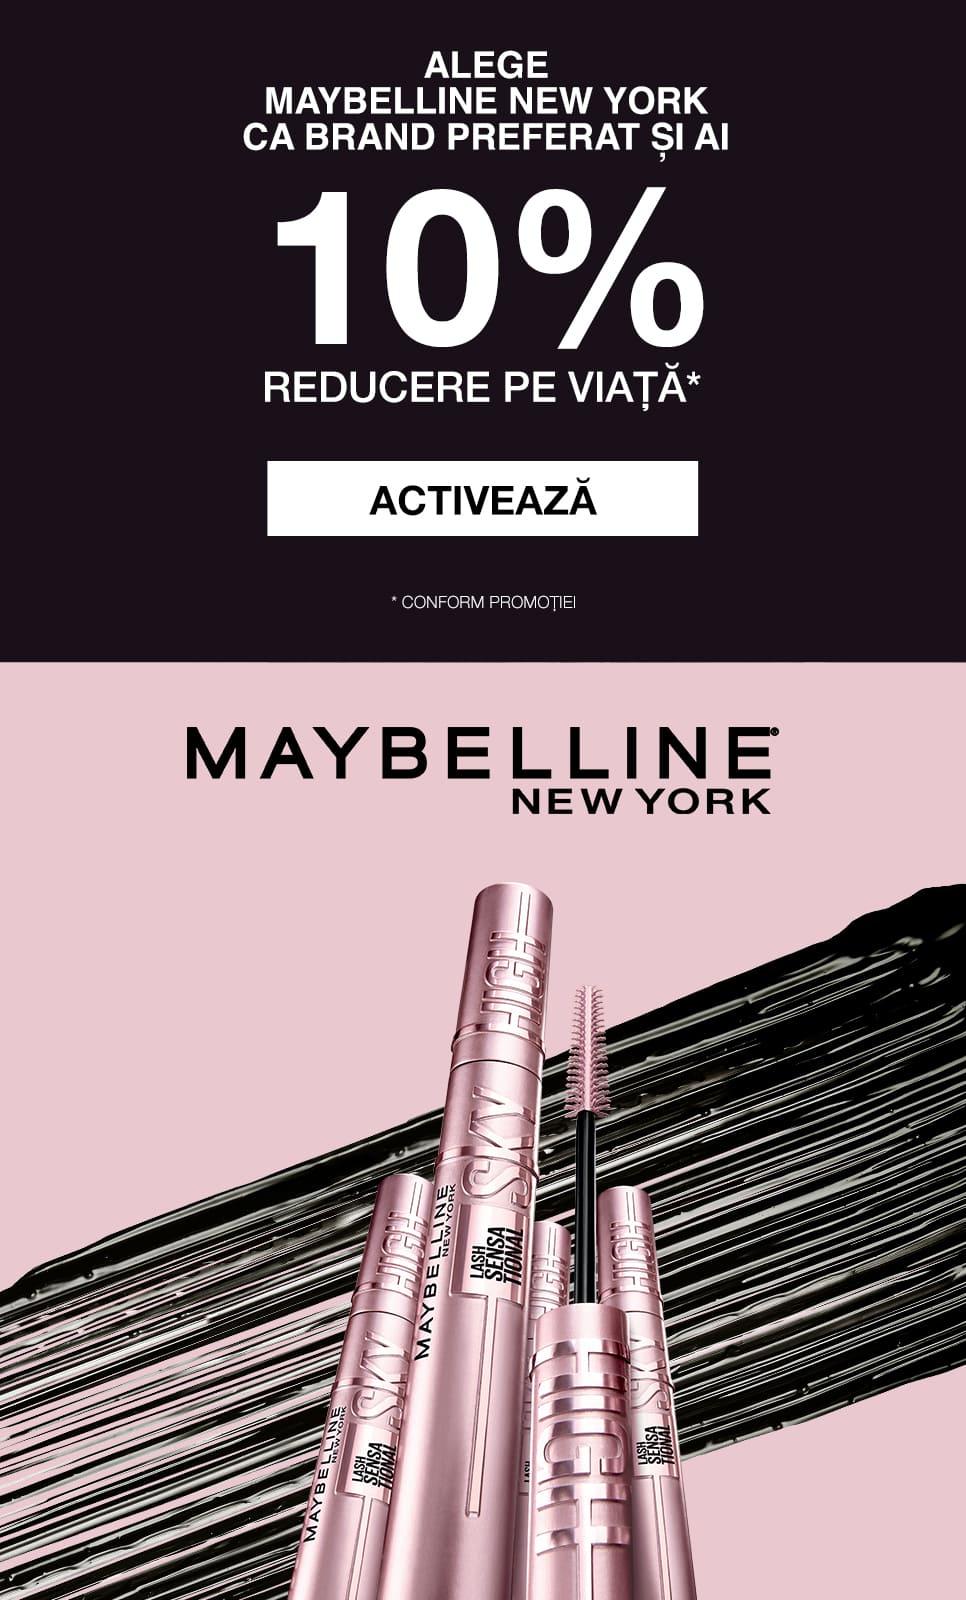 Activeaza 10% reducere pe viata la brandul Maybelline